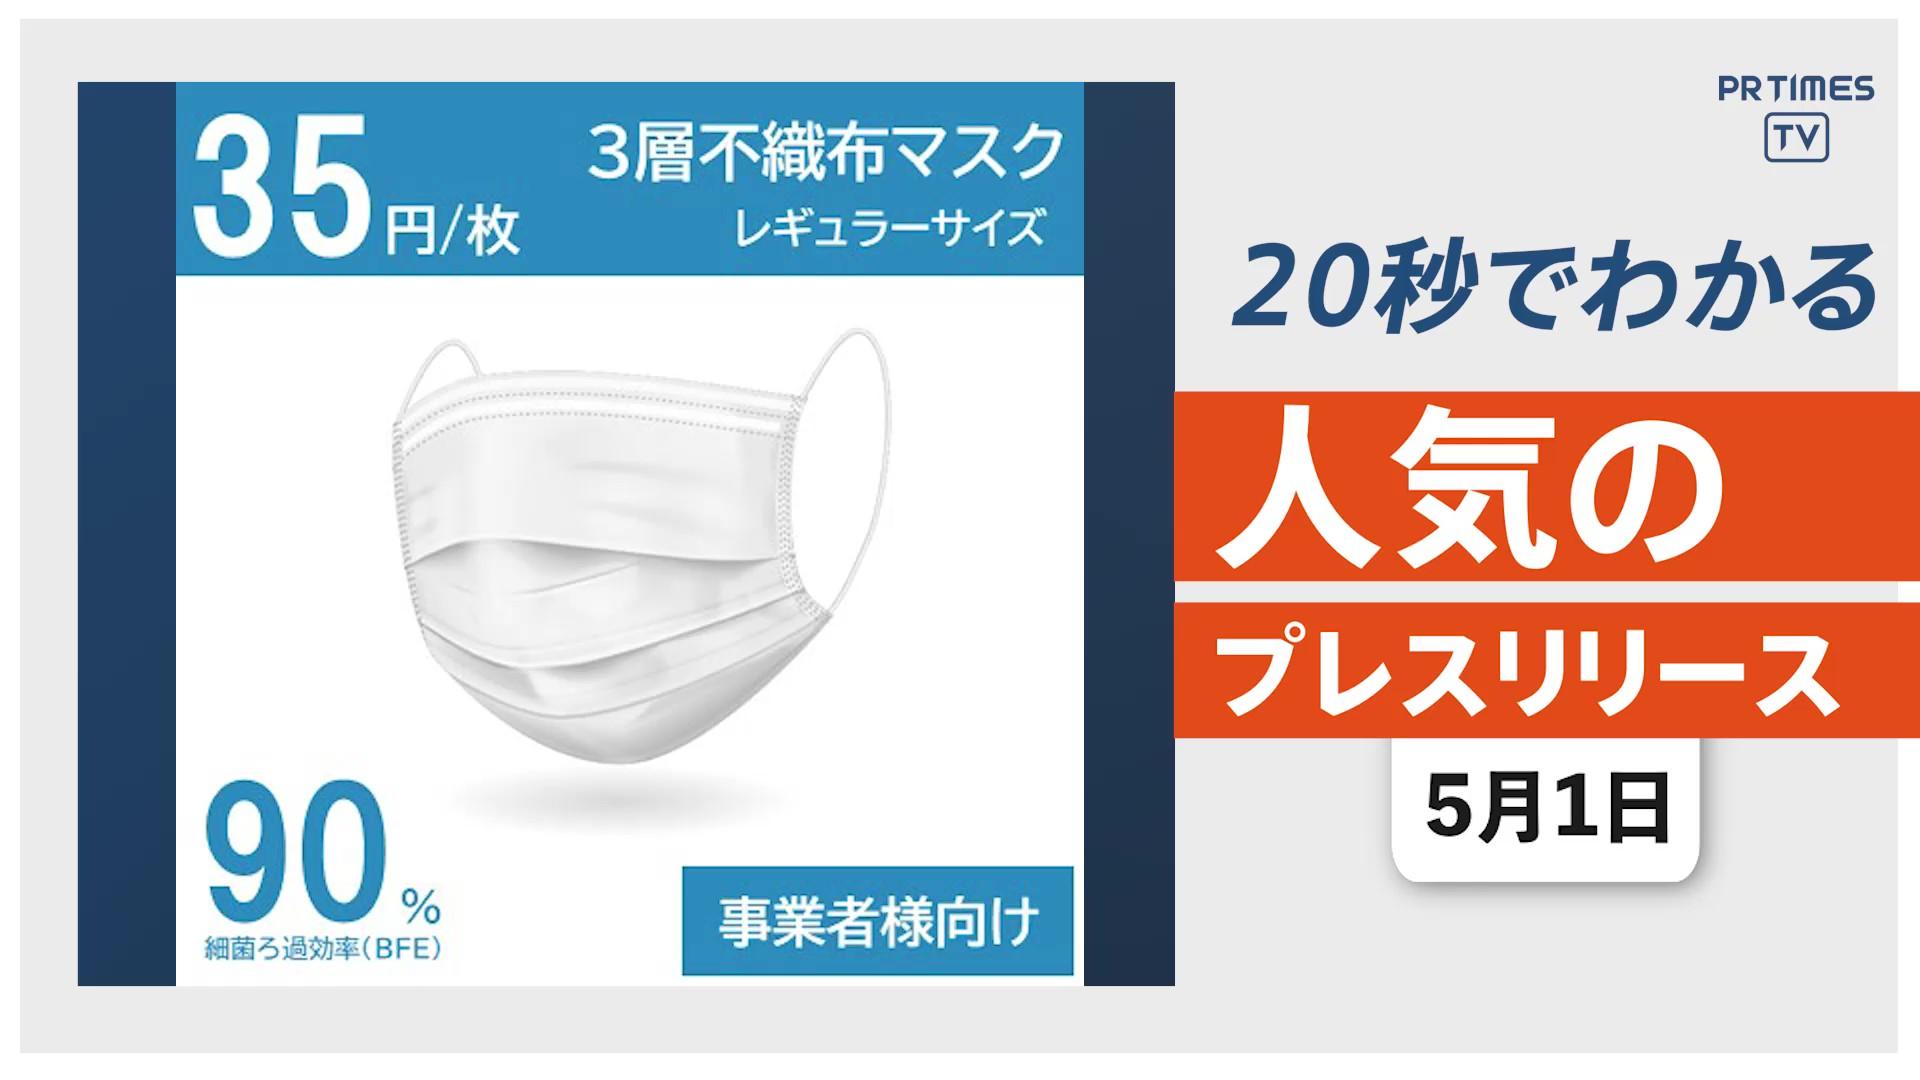 【事業者向けに マスク100万枚を調達 予約販売を開始】他、新着トレンド5月1日